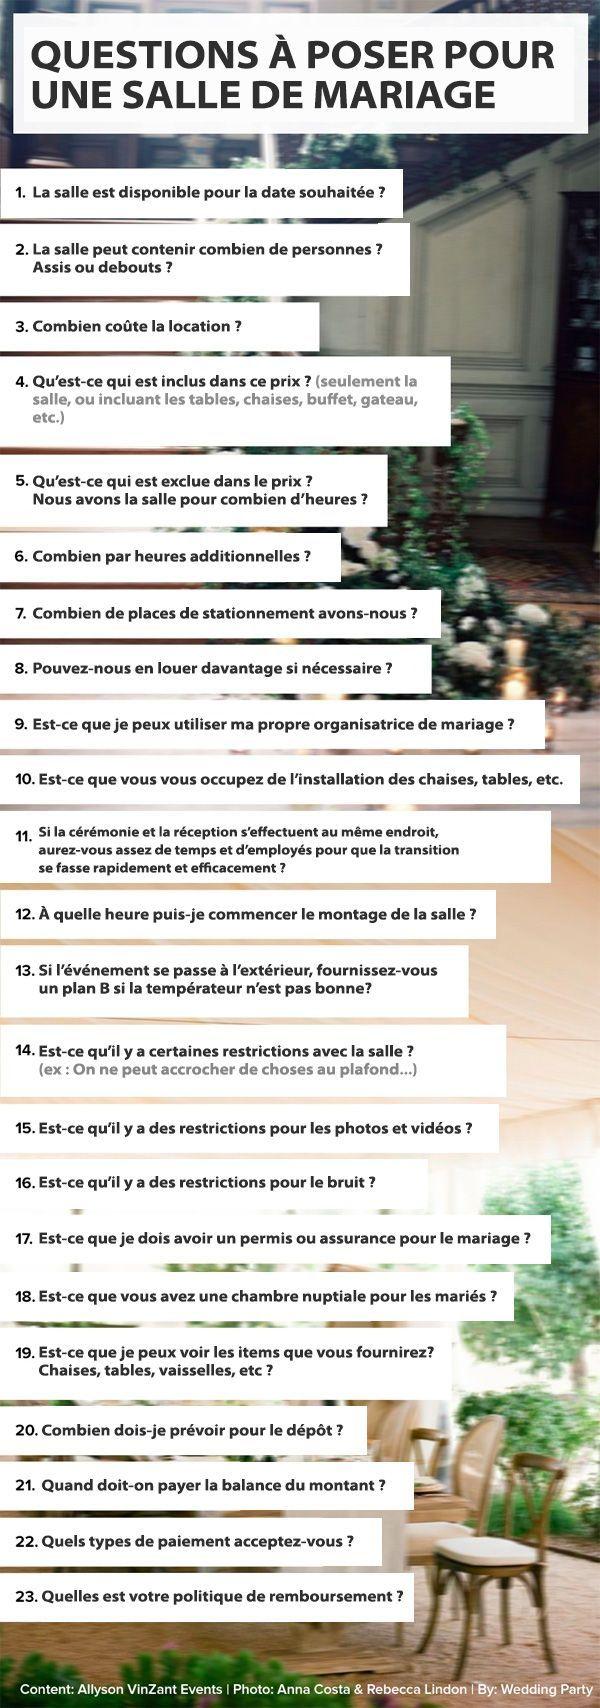 Robe de mariage : Des questions à poser pour la réservation d'une salle de mariage